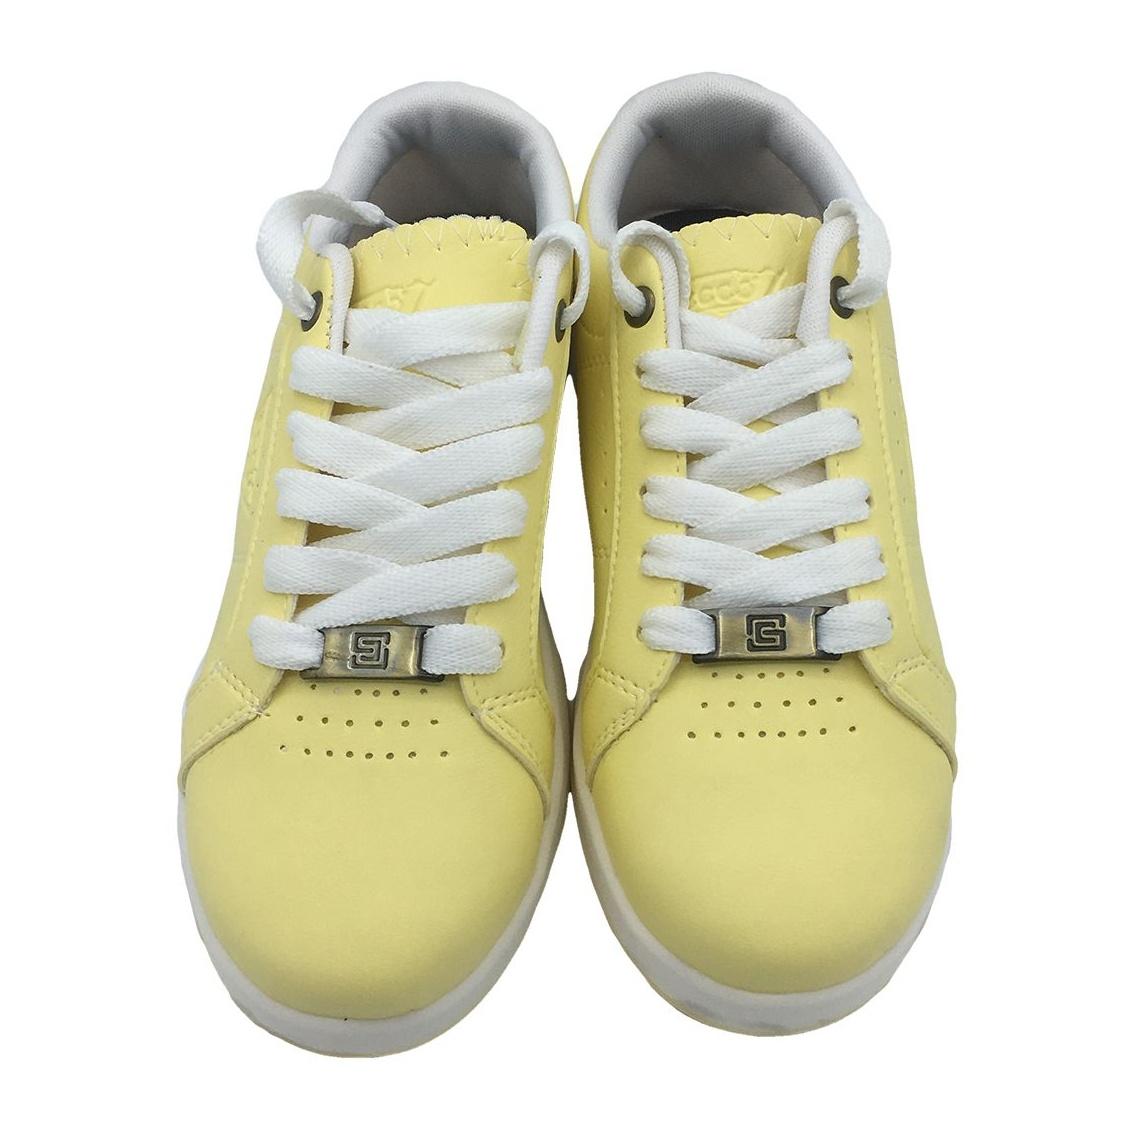 کفش مخصوص پیاده روی دخترانه مدل VA-n رنگ لیمویی main 1 3